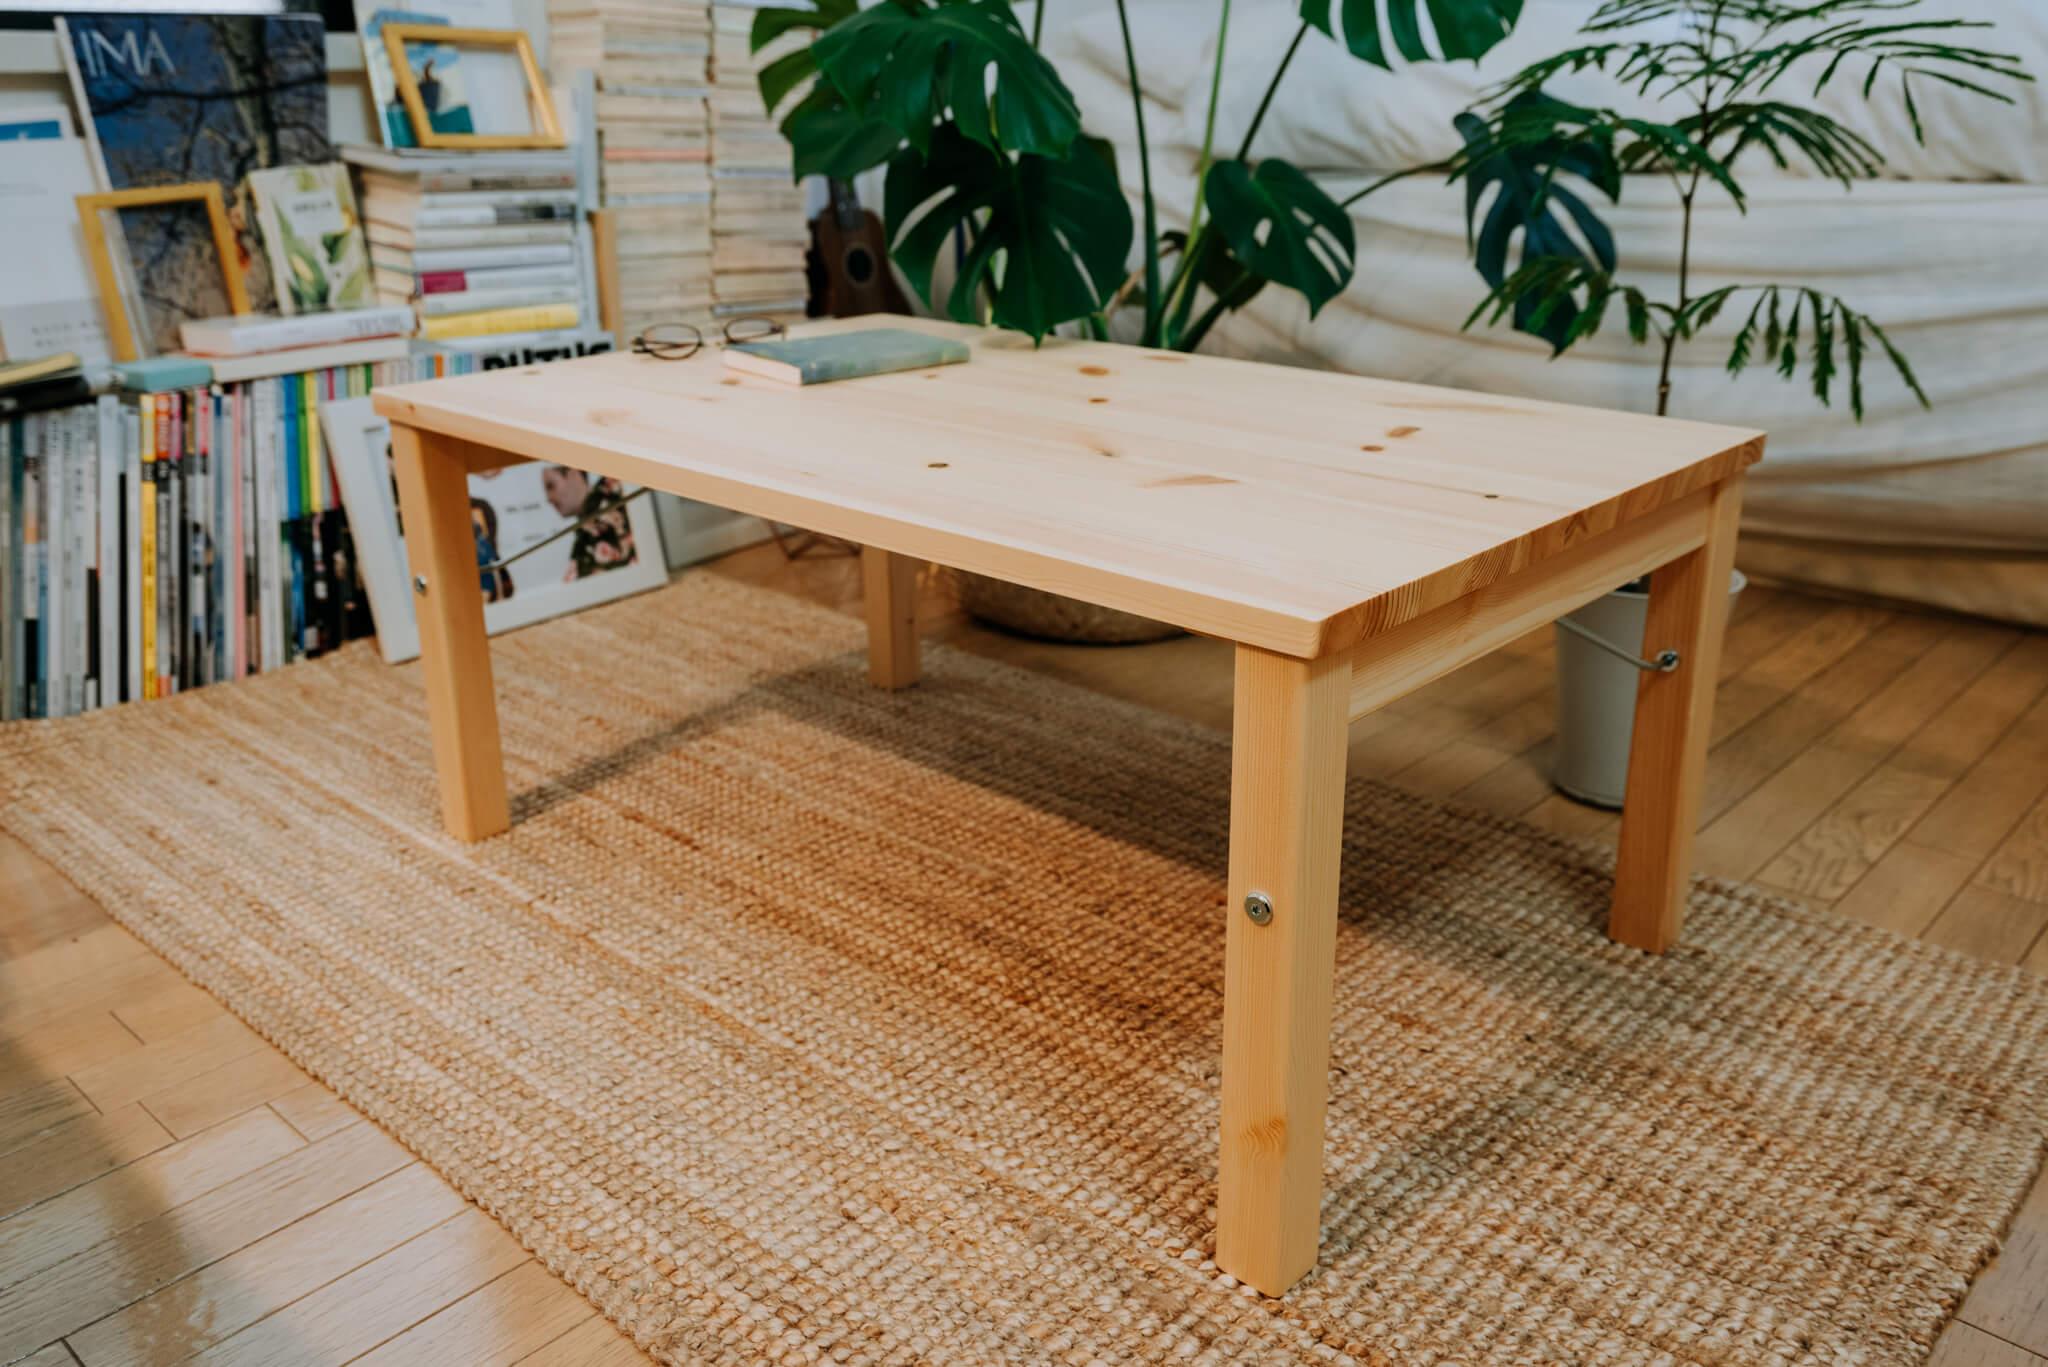 木の素材で、しかも折りたためる、というのが嬉しい(「グリーンと木のぬくもりのある家具で、友達の集まる部屋をつくる」より)